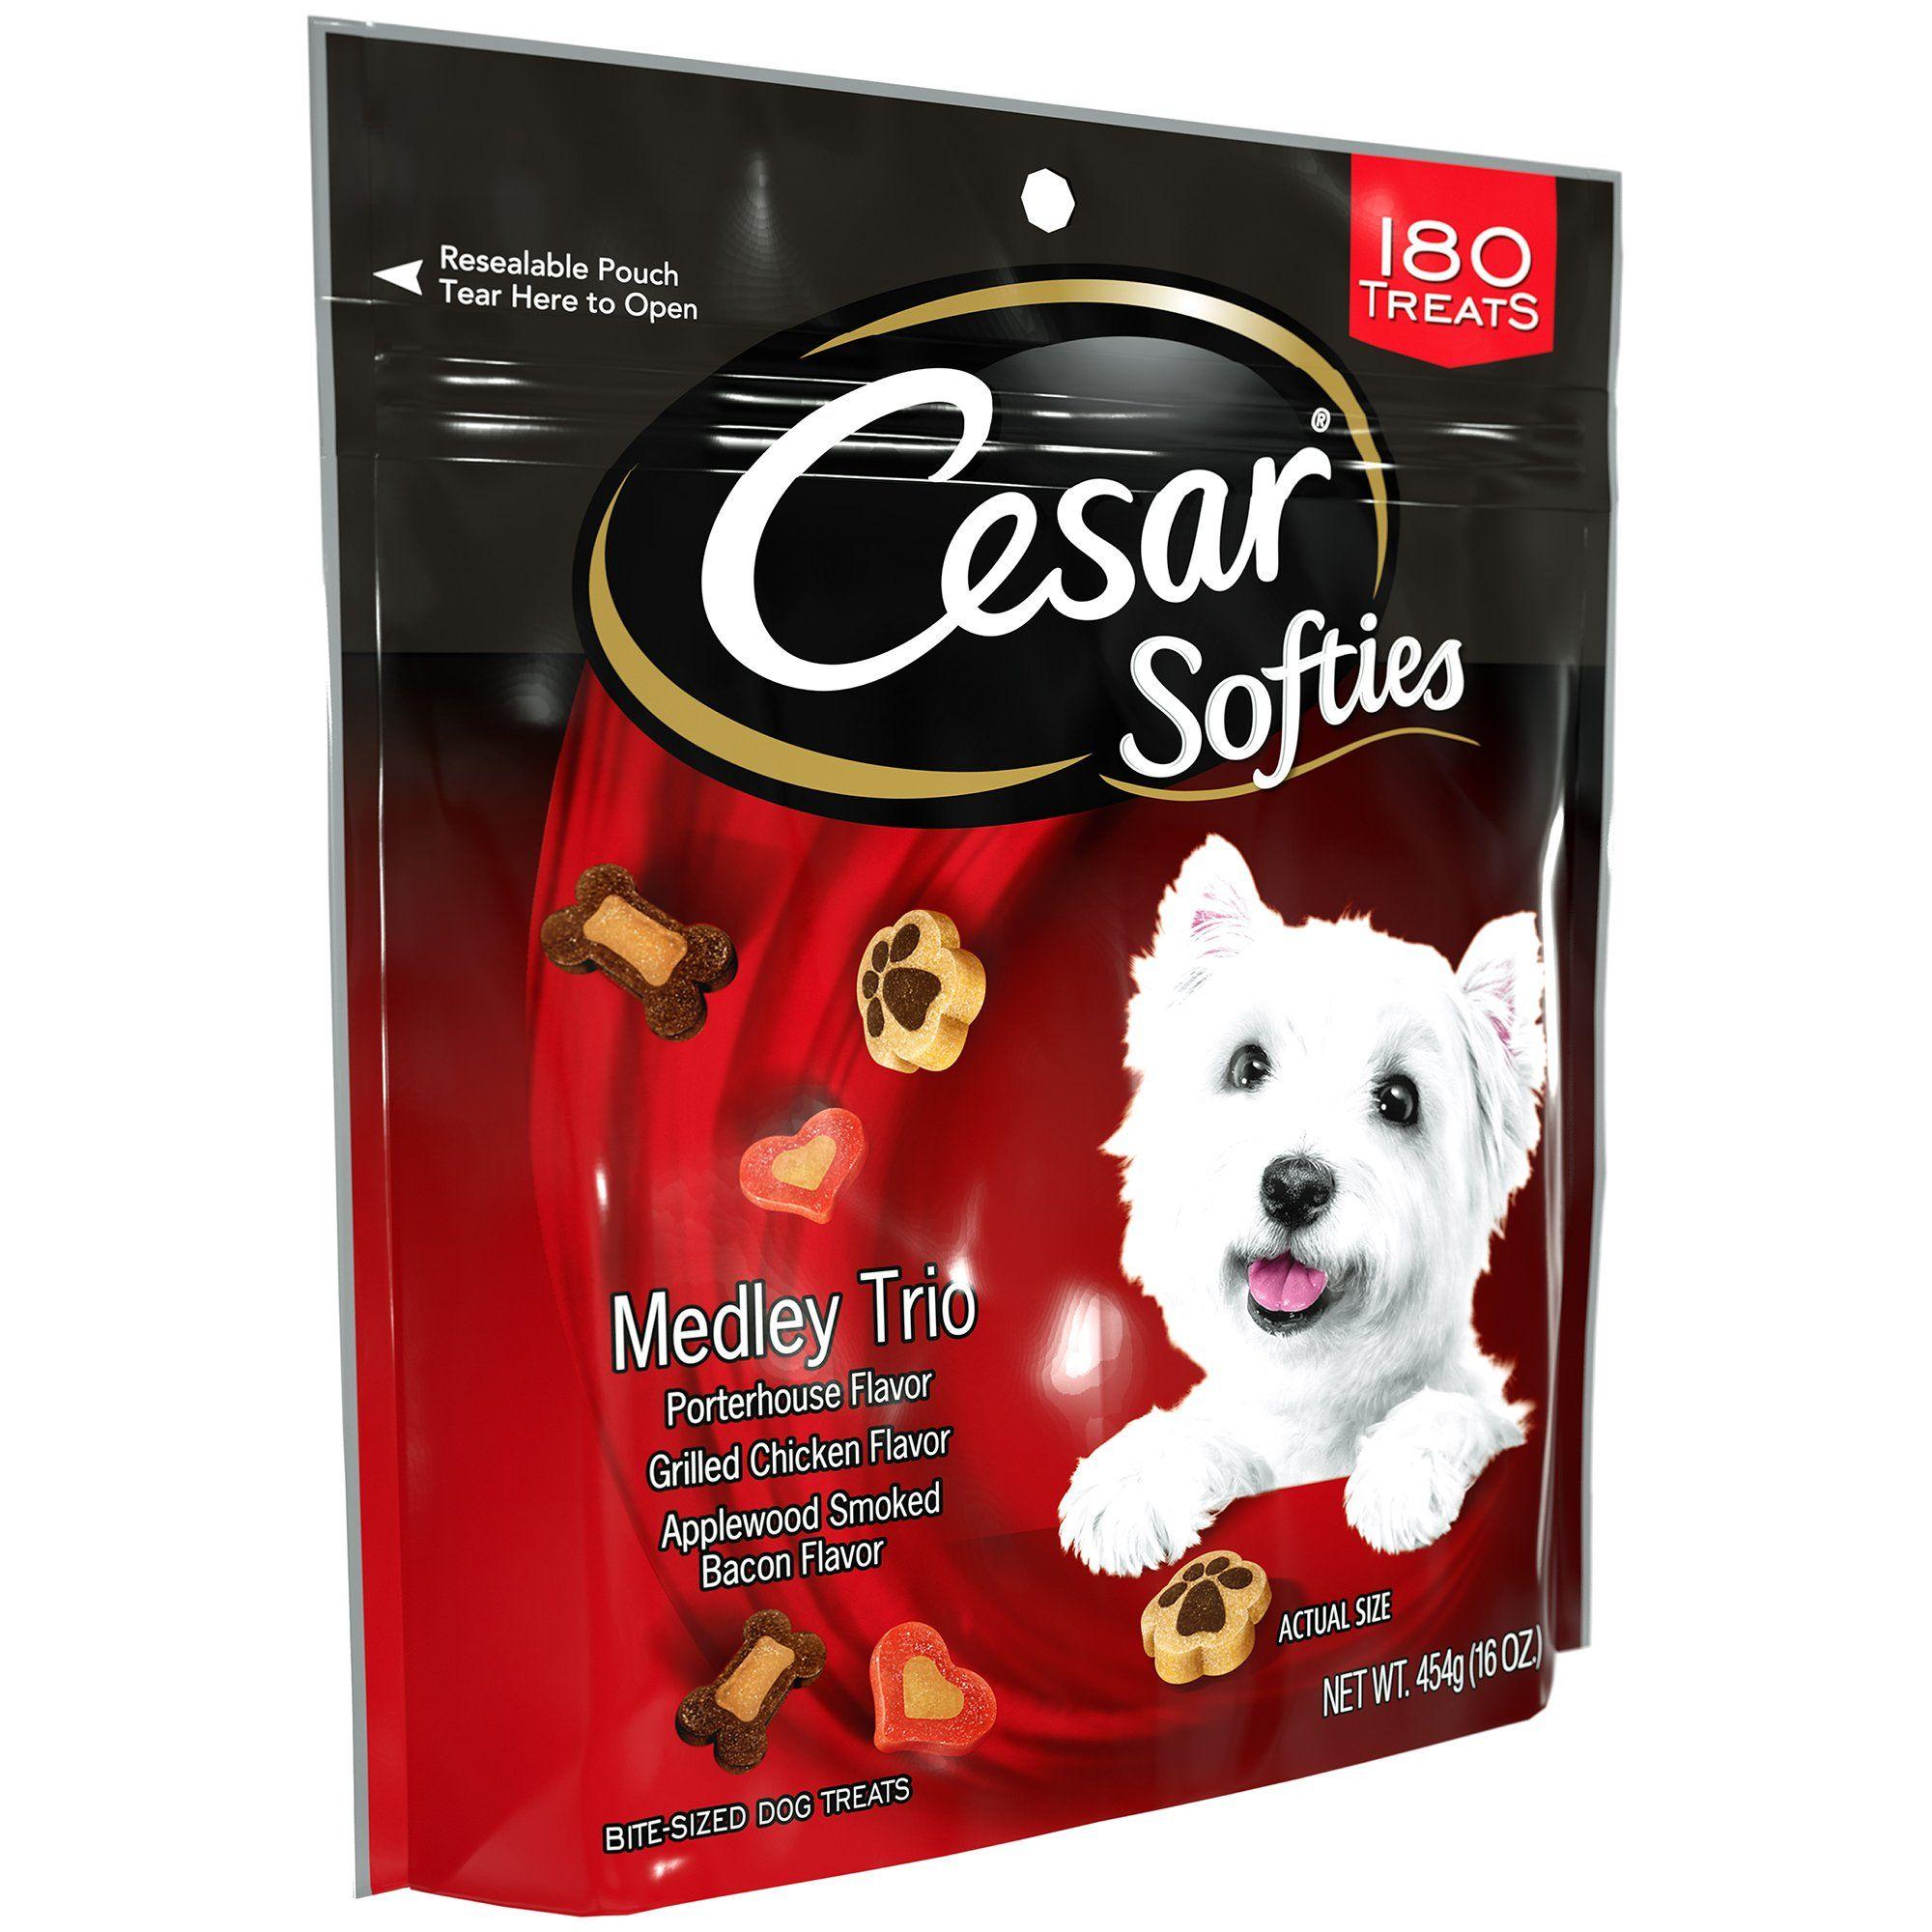 Cesar Softies Medley Trio Dog Treats 16 Oz You Could Get